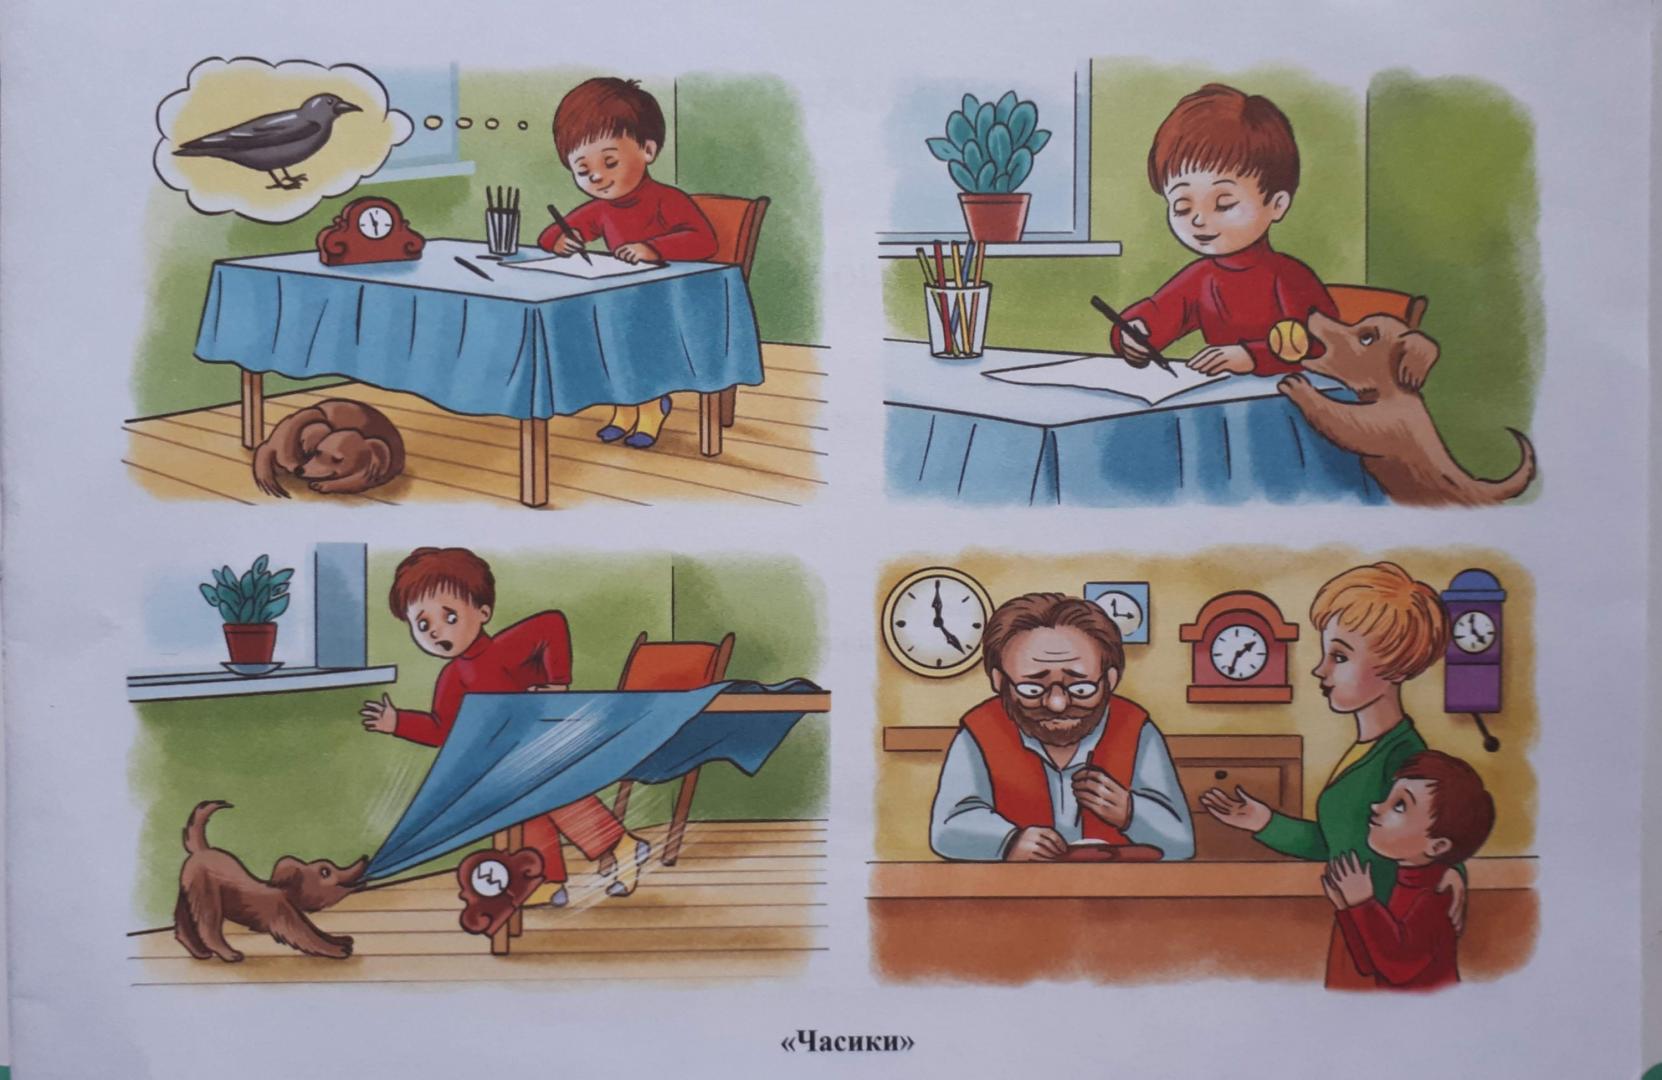 столу картинки для рассказа для доу матрицы как